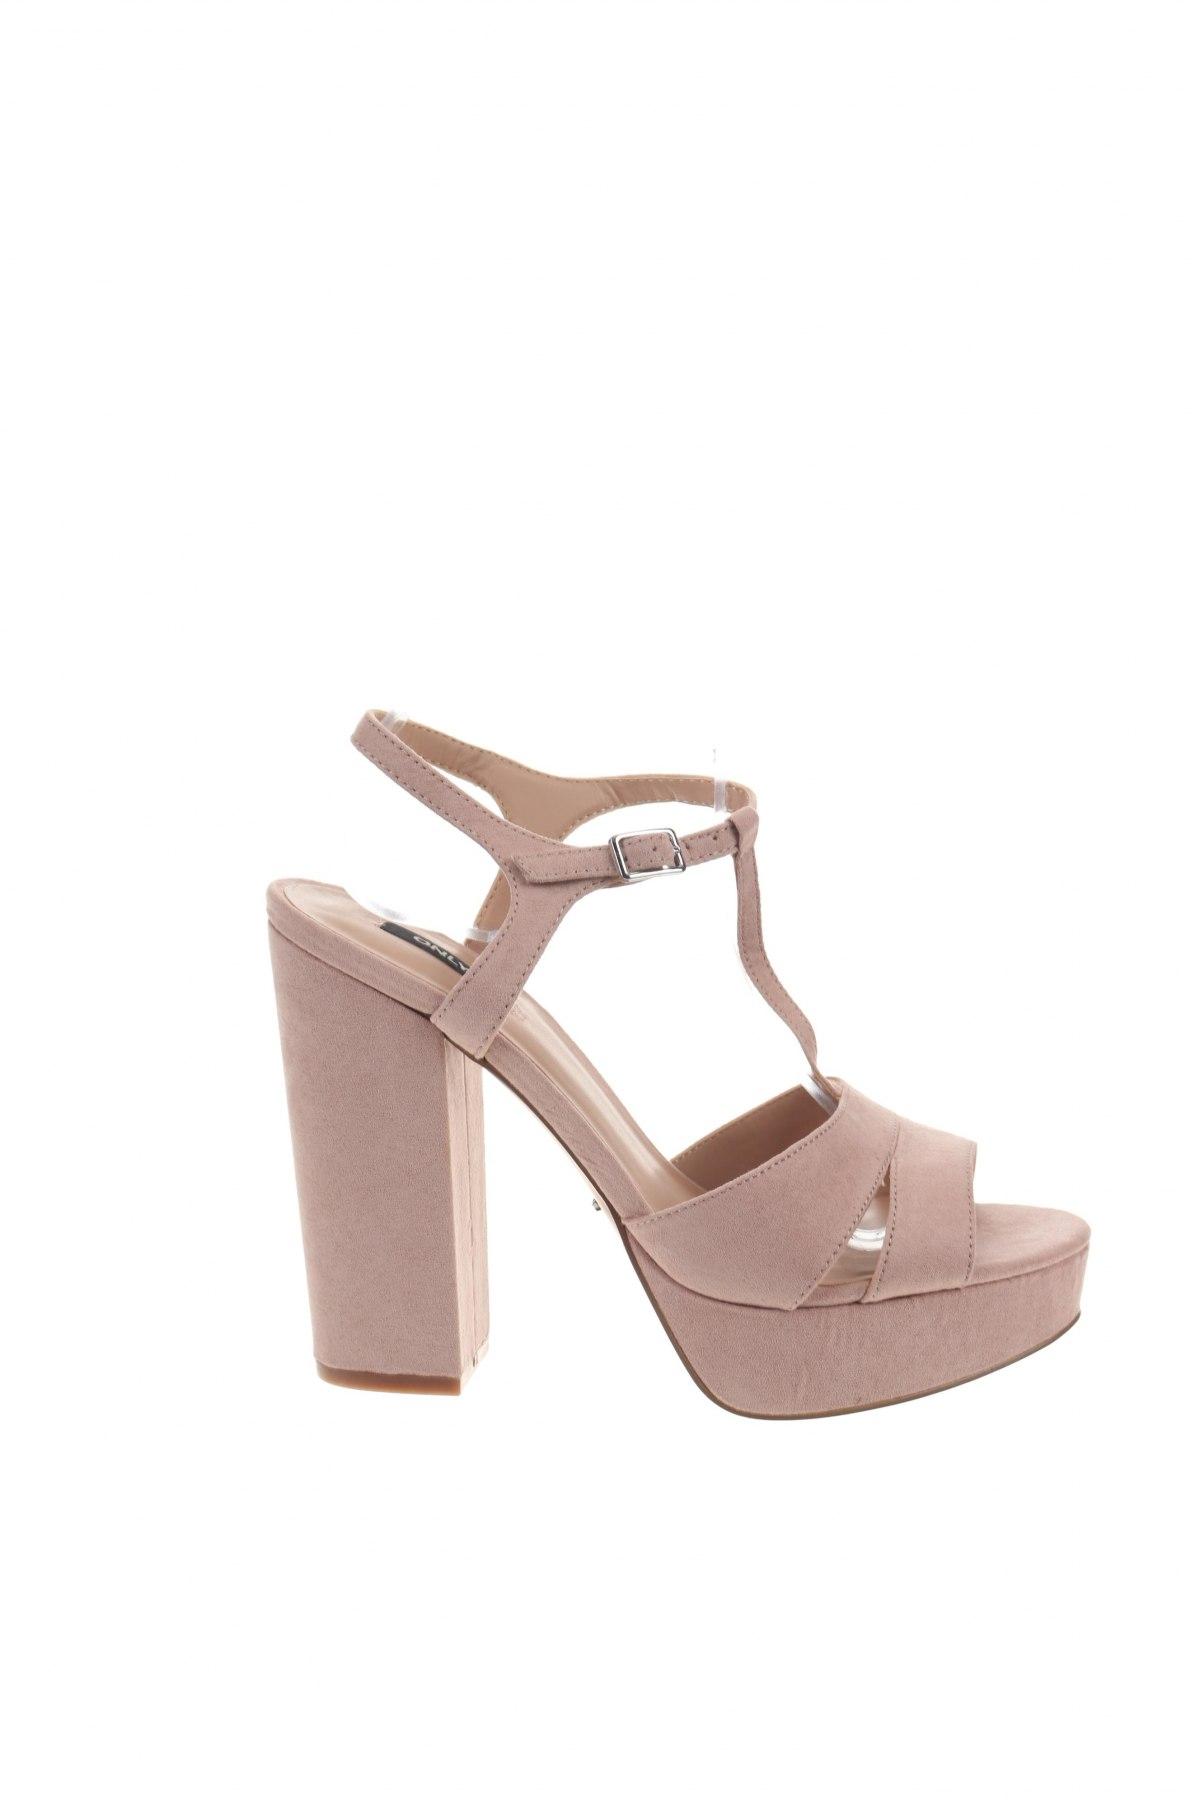 Σανδάλια ONLY, Μέγεθος 39, Χρώμα Ρόζ , Κλωστοϋφαντουργικά προϊόντα, Τιμή 18,85€